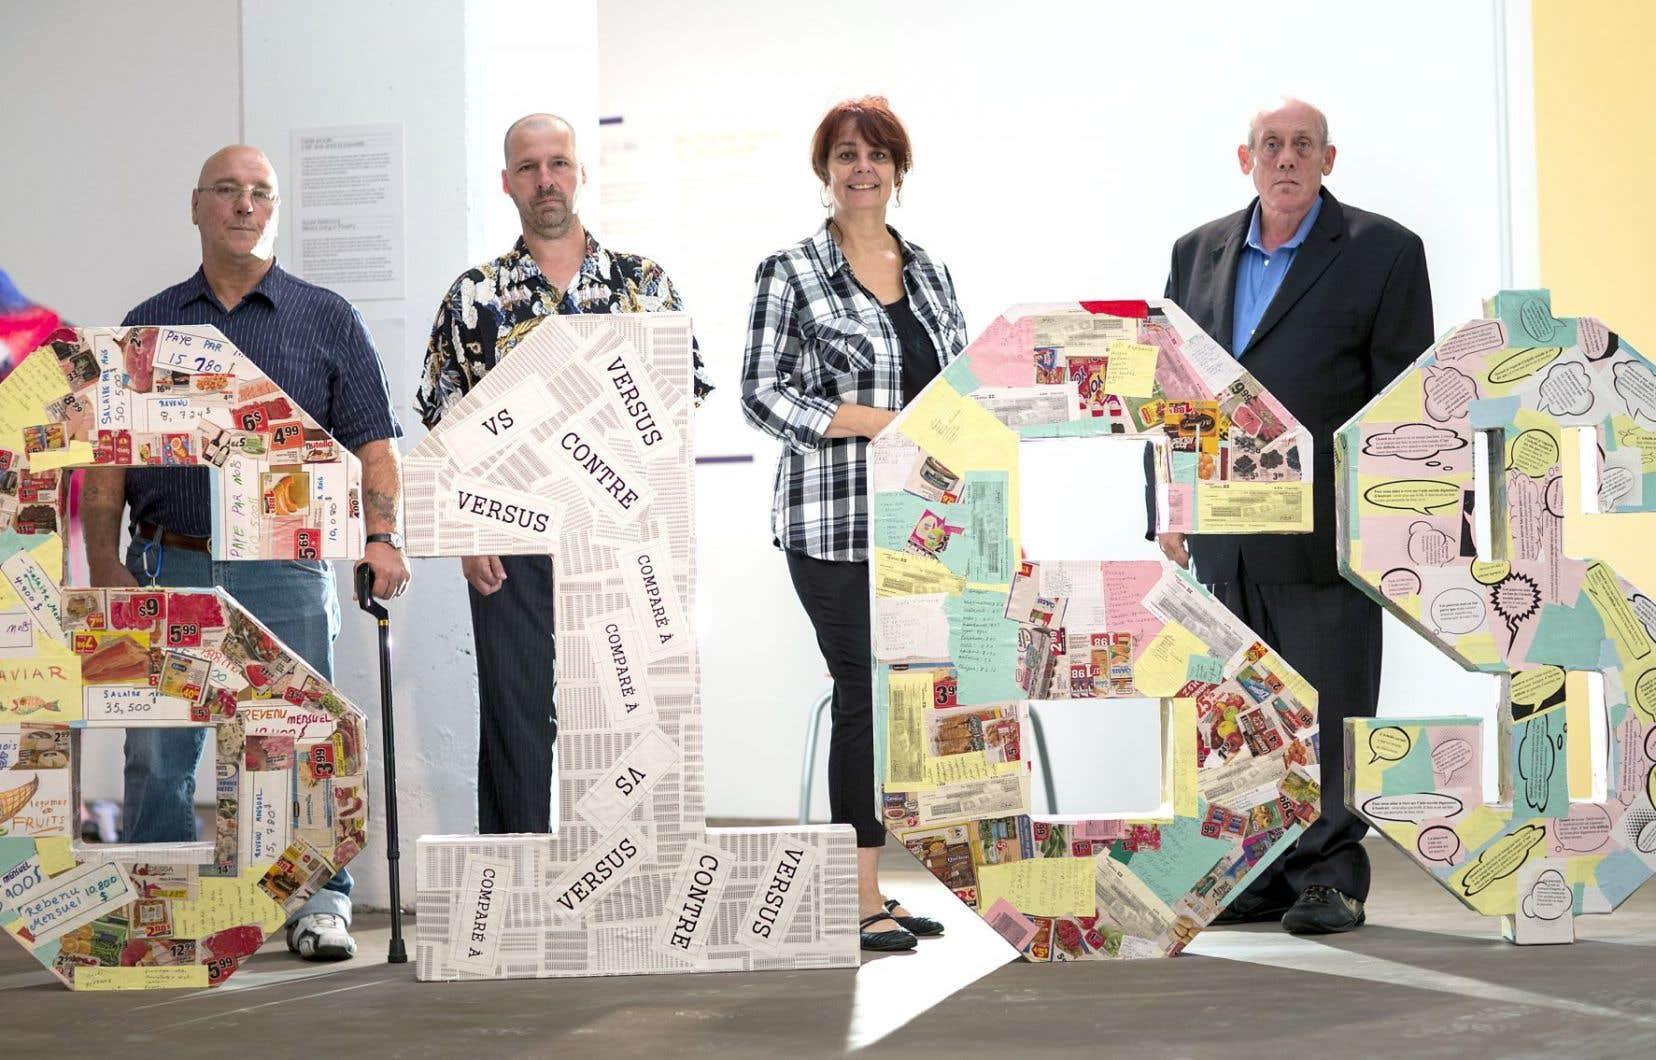 Une sculpture recouverte d'annonces de rabais dans les supermarchés représente les chiffres 616$, soit le montant mensuel de l'aide sociale de base. Derrière, Daniel Méthot, Stéphanne Guillemette, Josée Vézina et Luc Saint-Laurent.